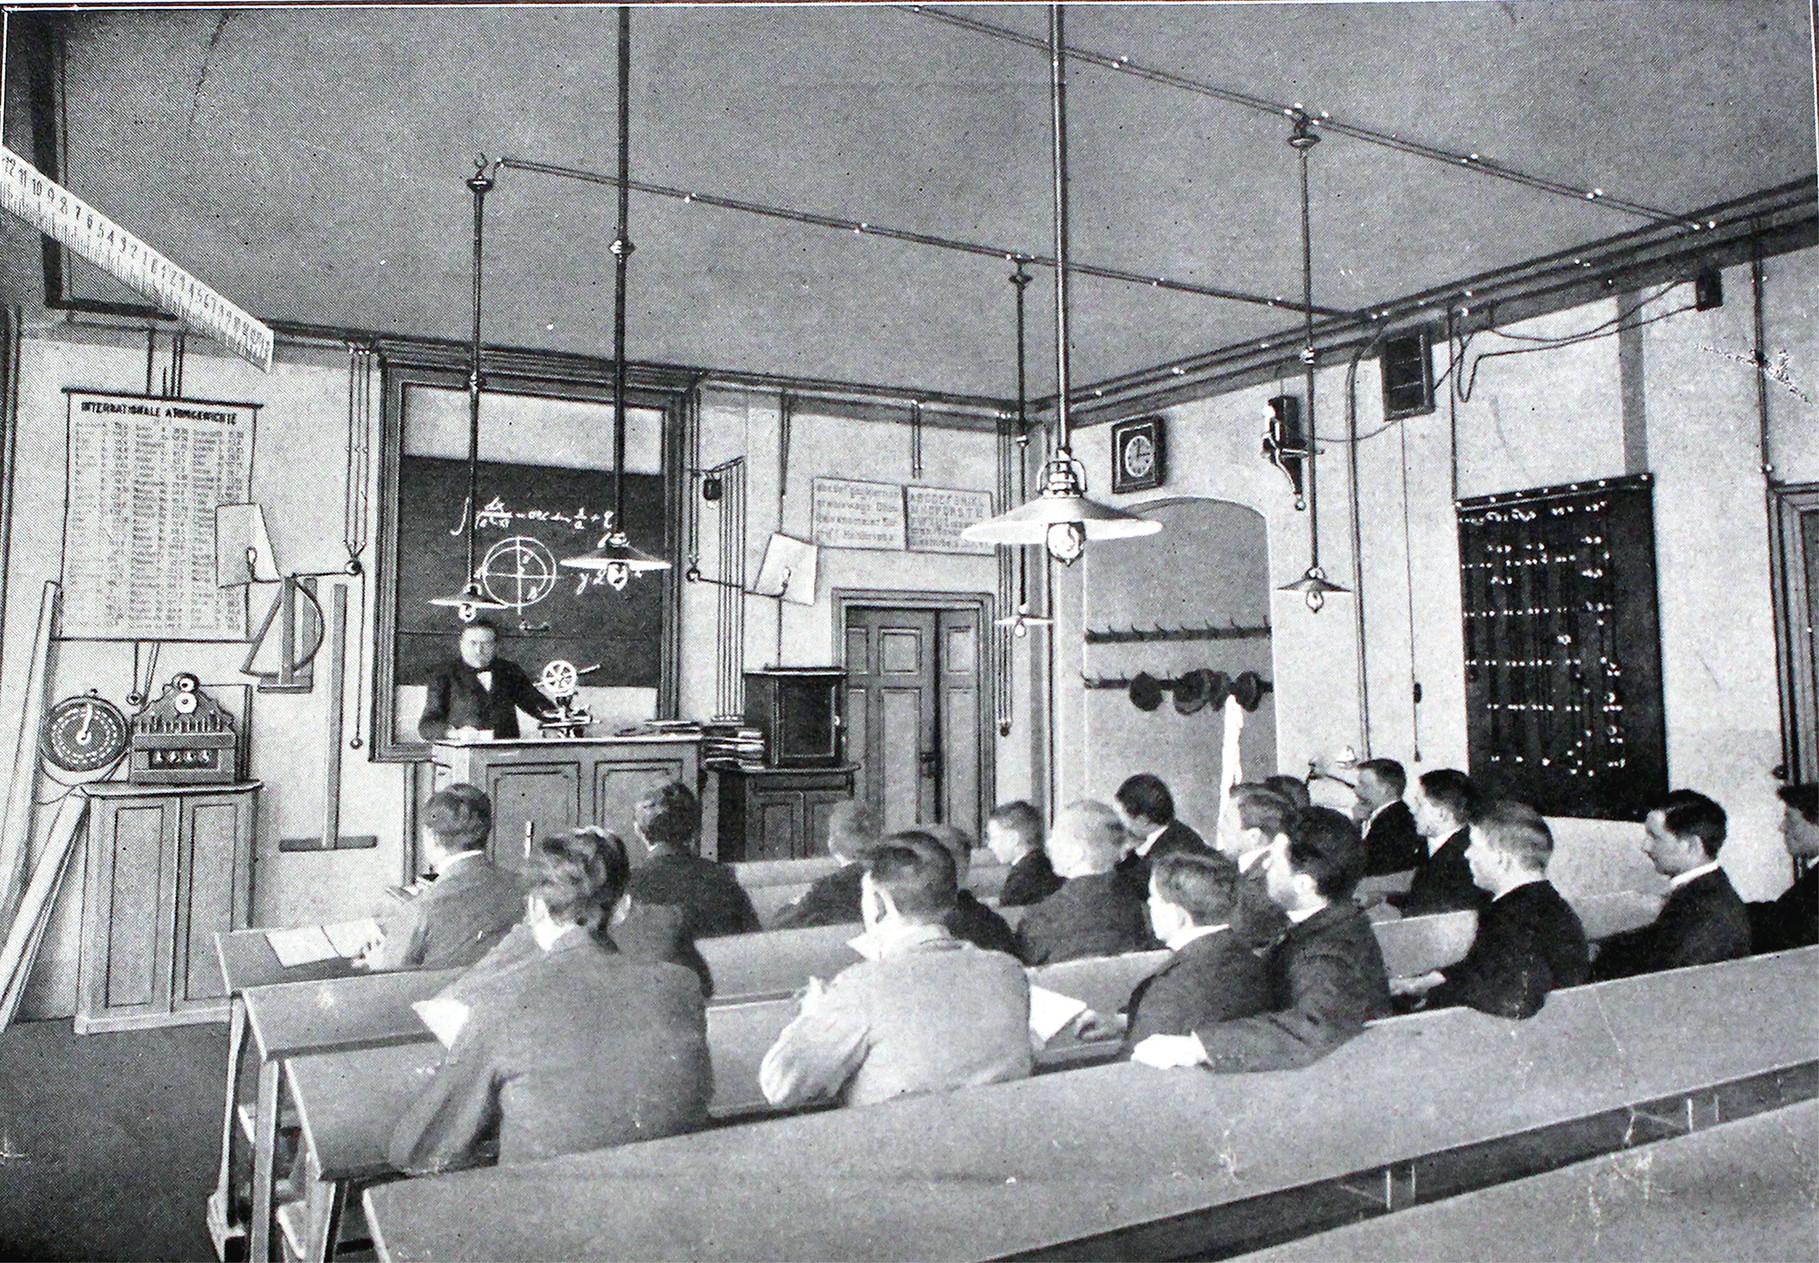 Lehrsaal 1 - Prof. Strasser beim Unterricht